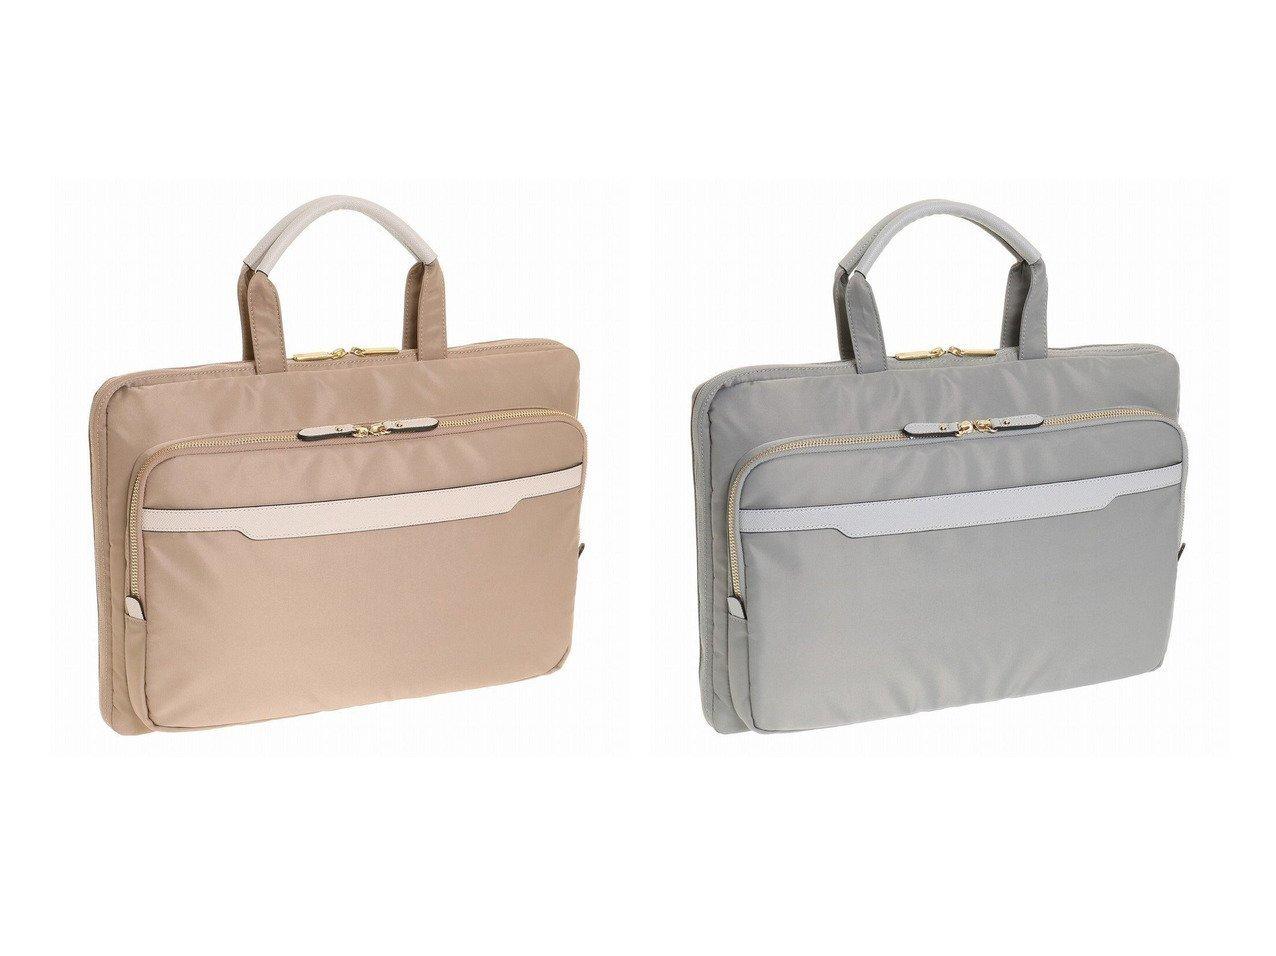 【ACE BAGS & LUGGAGE/エースバッグズアンドラゲッジ】の≪ace. リモフィス≫PC レディースビジネス B4 15.6インチ 10311 【バッグ・鞄】おすすめ!人気、トレンド・レディースファッションの通販 おすすめで人気の流行・トレンド、ファッションの通販商品 メンズファッション・キッズファッション・インテリア・家具・レディースファッション・服の通販 founy(ファニー) https://founy.com/ ファッション Fashion レディースファッション WOMEN 送料無料 Free Shipping インナー ストライプ セットアップ ポケット リュック 再入荷 Restock/Back in Stock/Re Arrival  ID:crp329100000033055